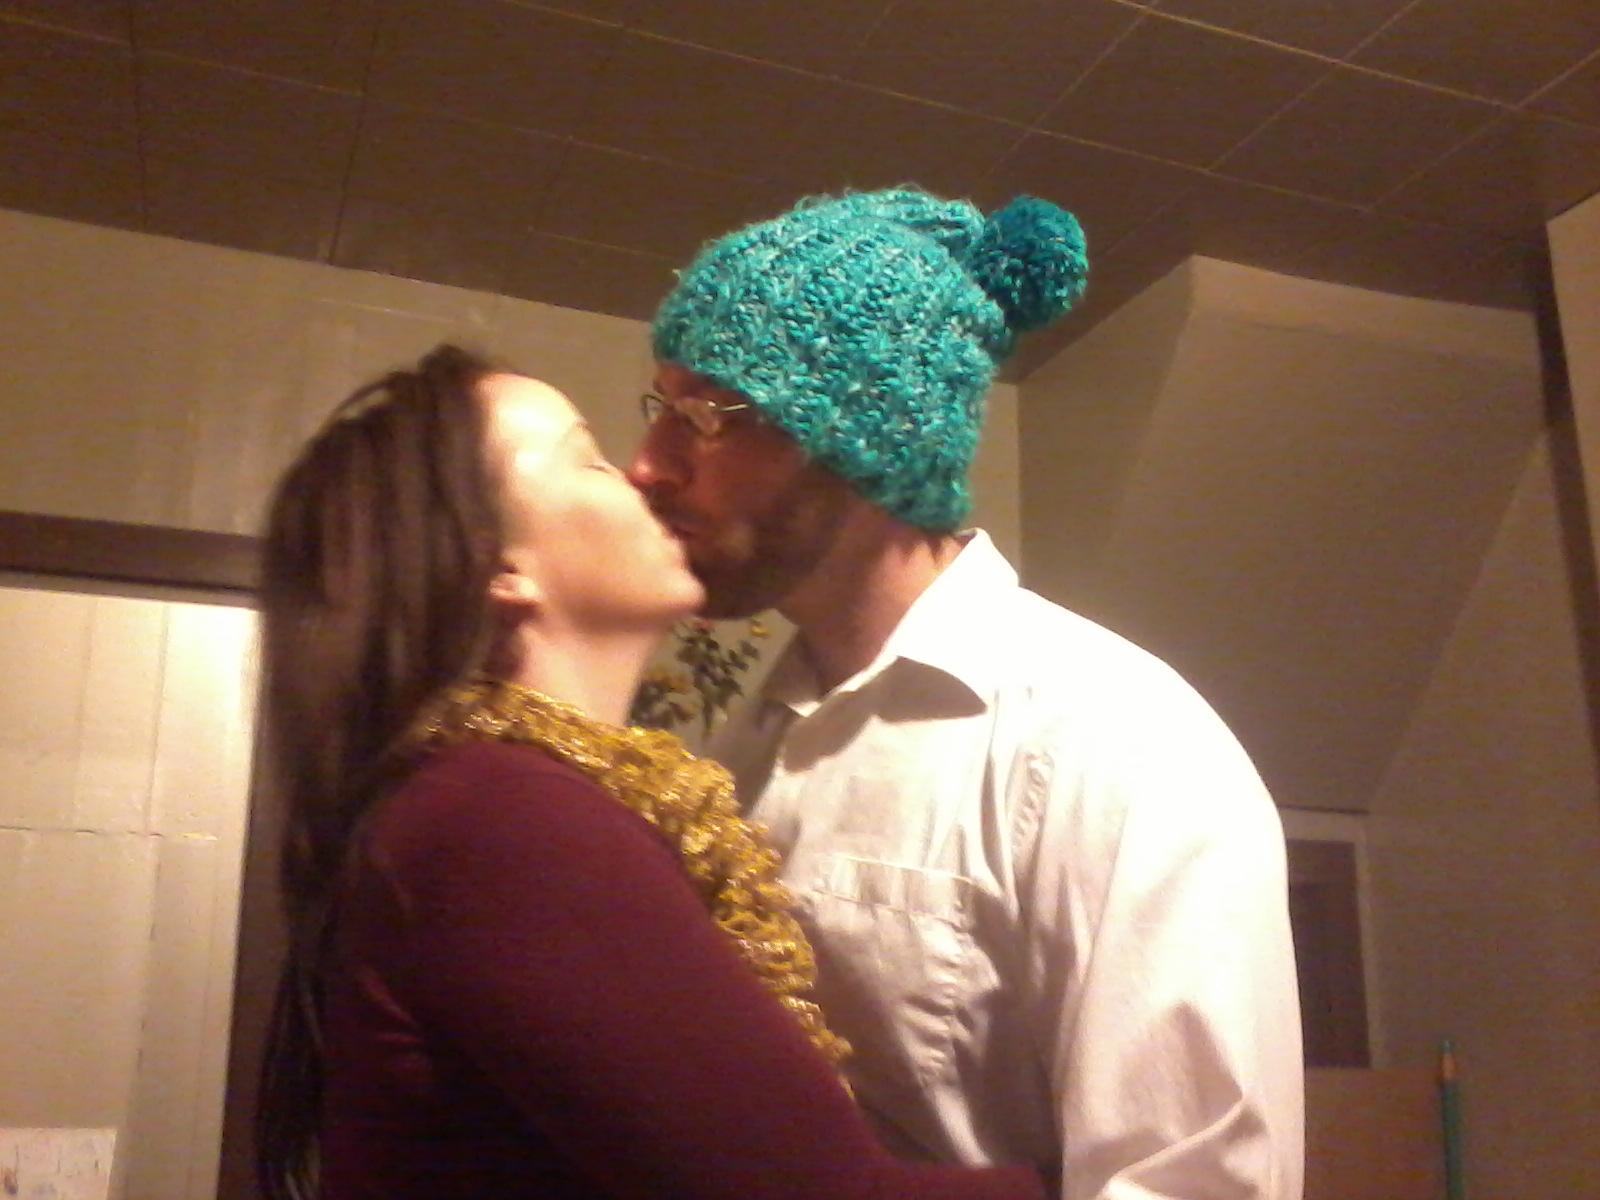 and Dan and Tara made out...